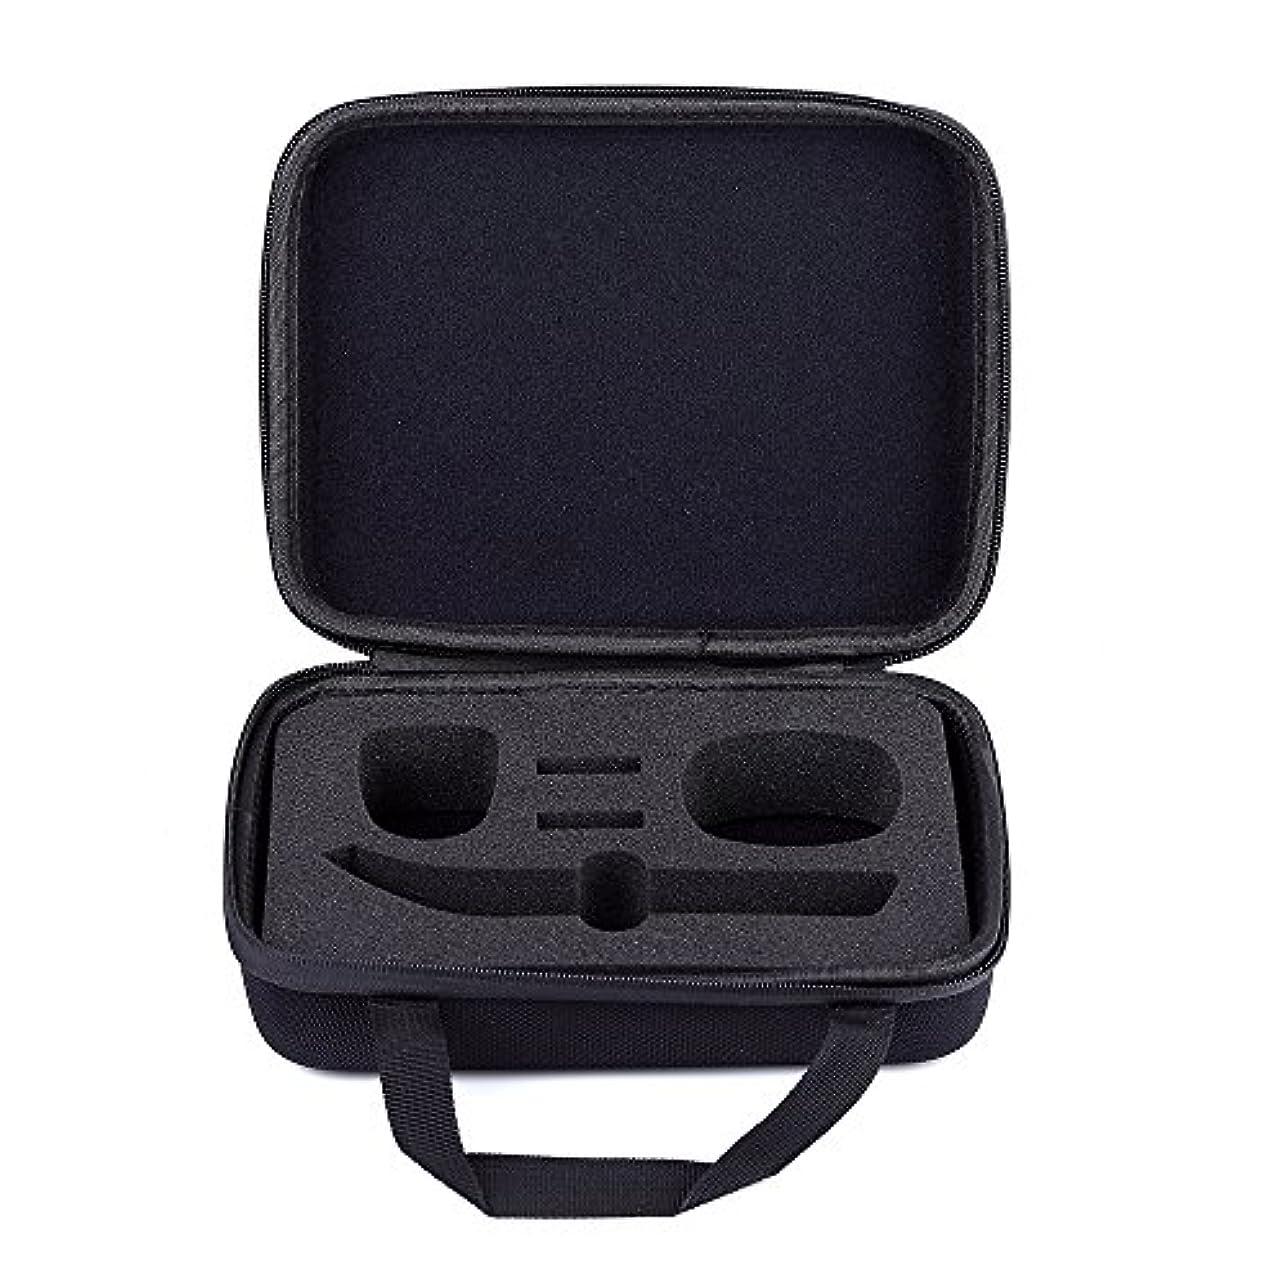 ガイドライン淡い掃くNrpfell トラベルのハードバッグ、携帯用ケース、Norelco Oneblade Pro用、転倒防止、防水、実用的なPhilipsシェーバー用の収納ボックス